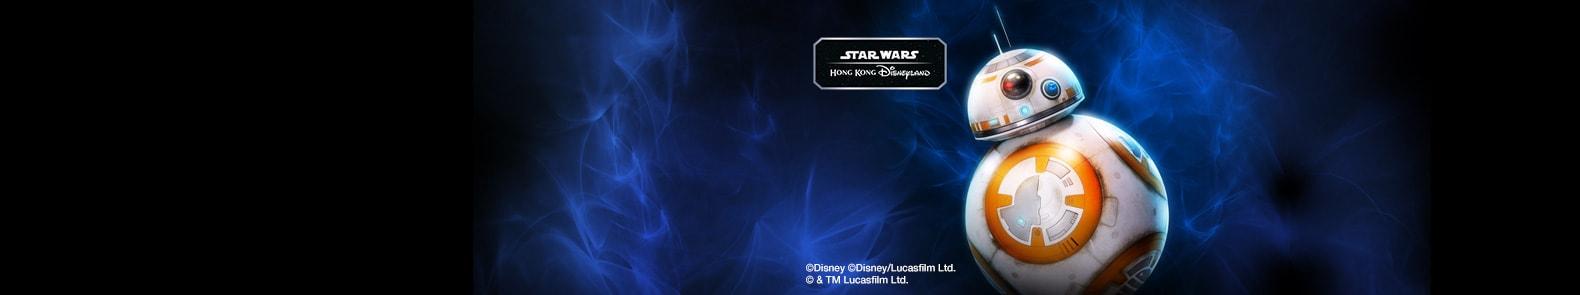 Hk starwars banner v